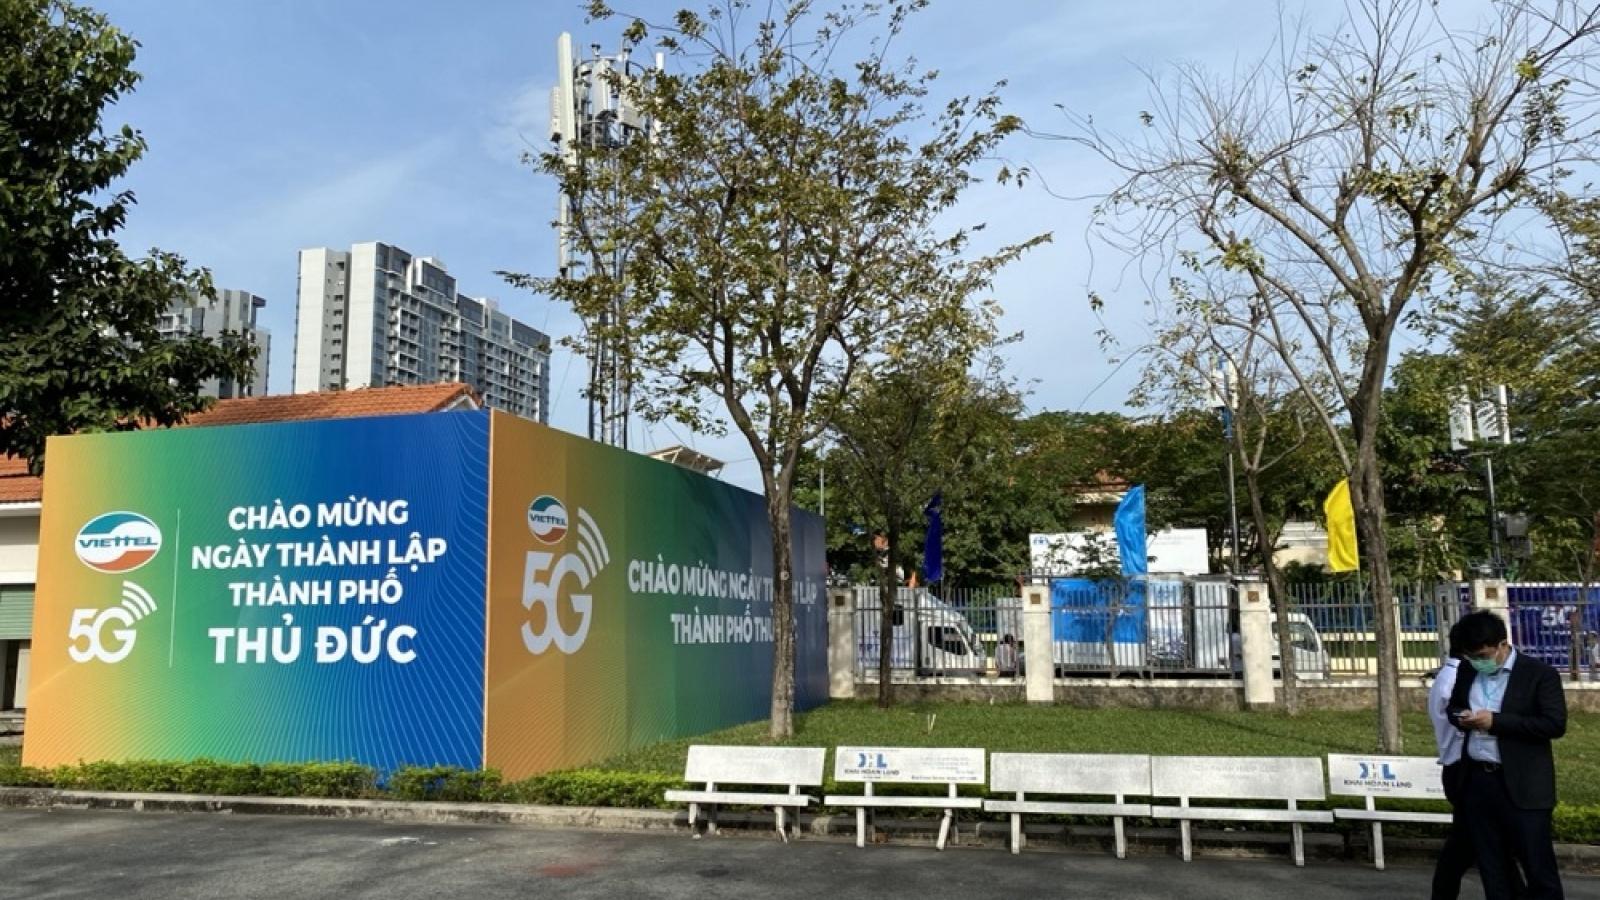 Viettel chính thức khai trương dịch vụ 5G tại thành phố Thủ Đức